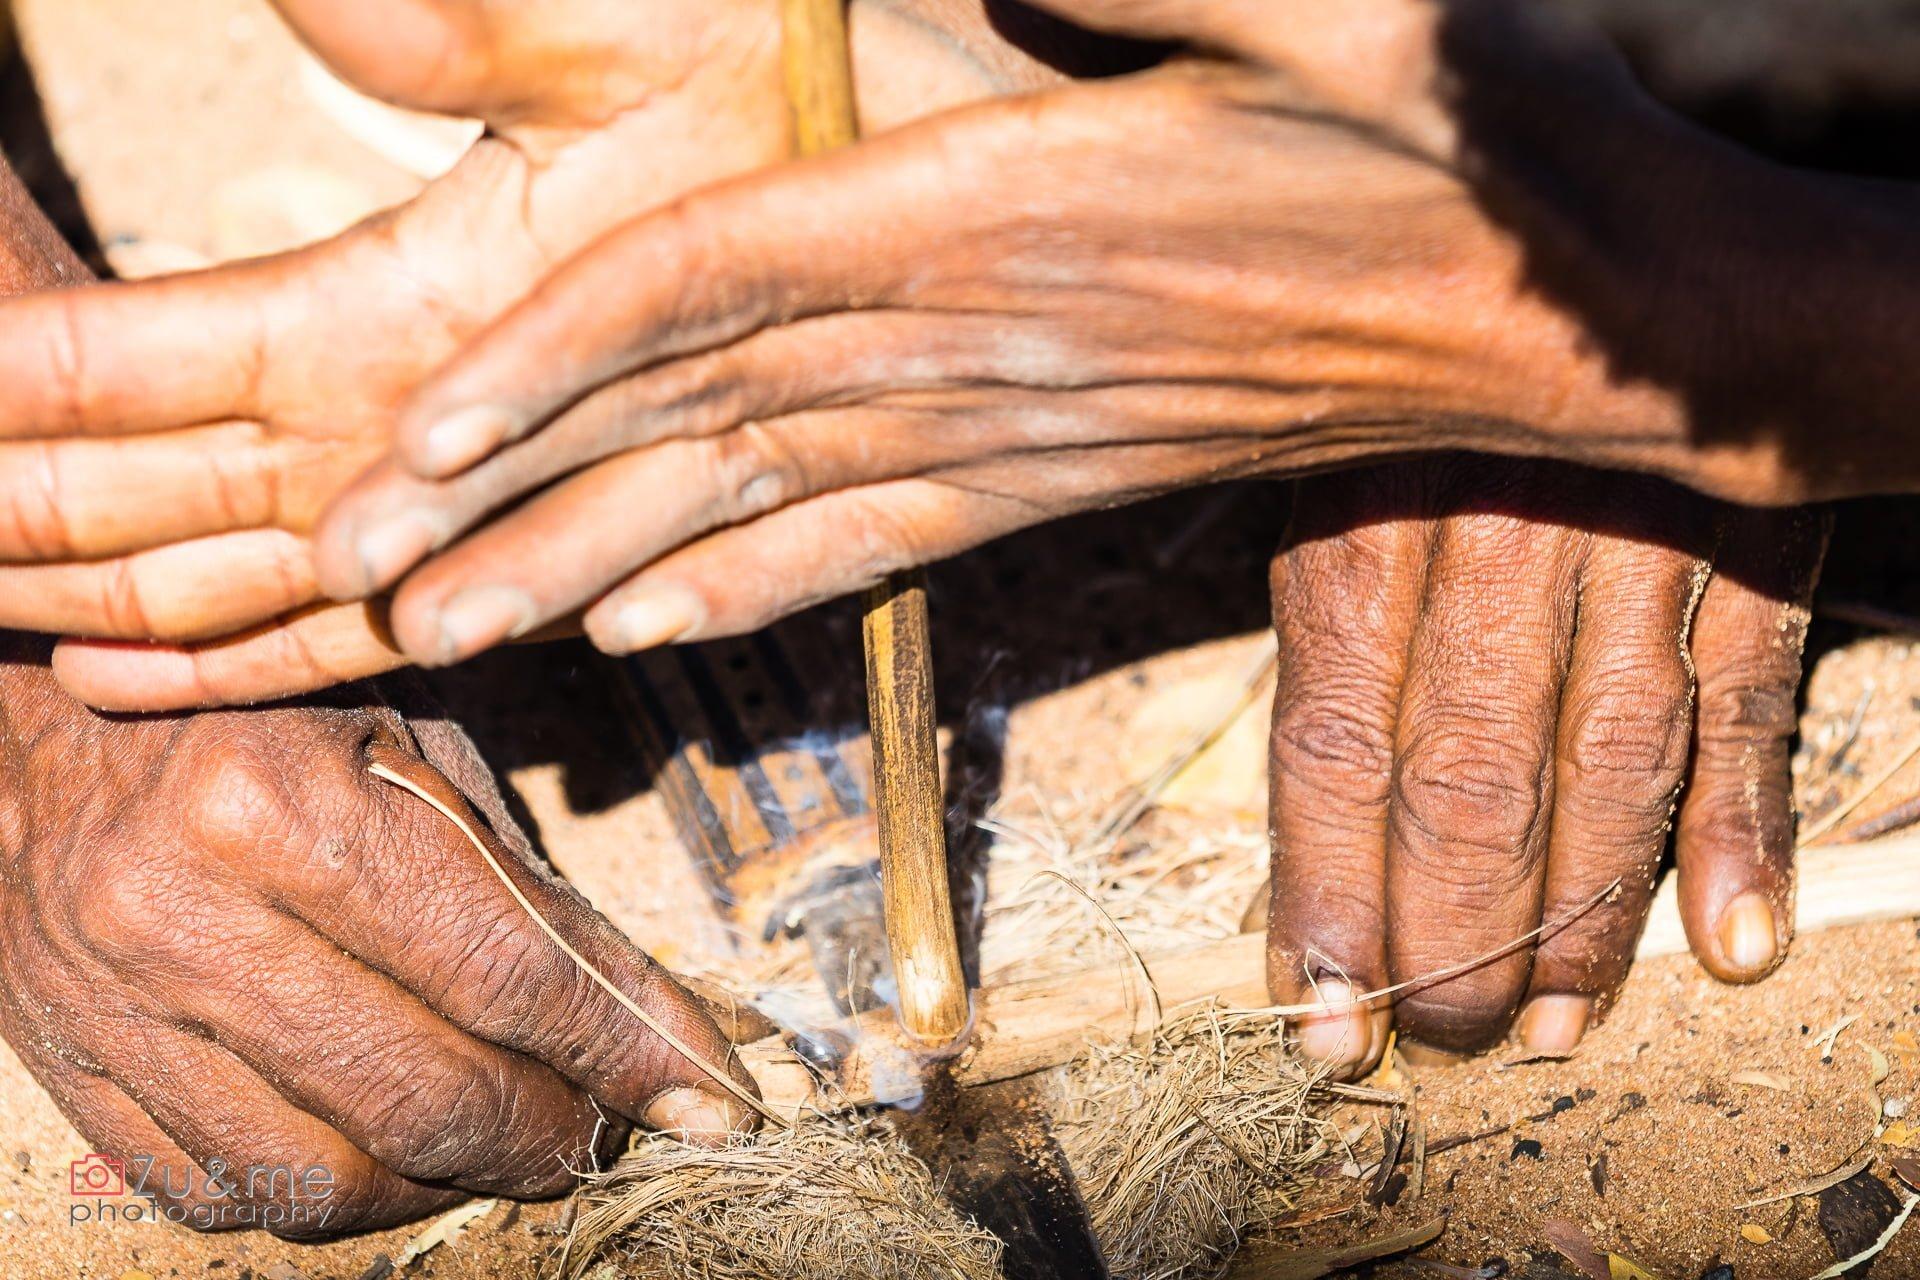 Przetrwanie w Afryce – przygoda z survivalem